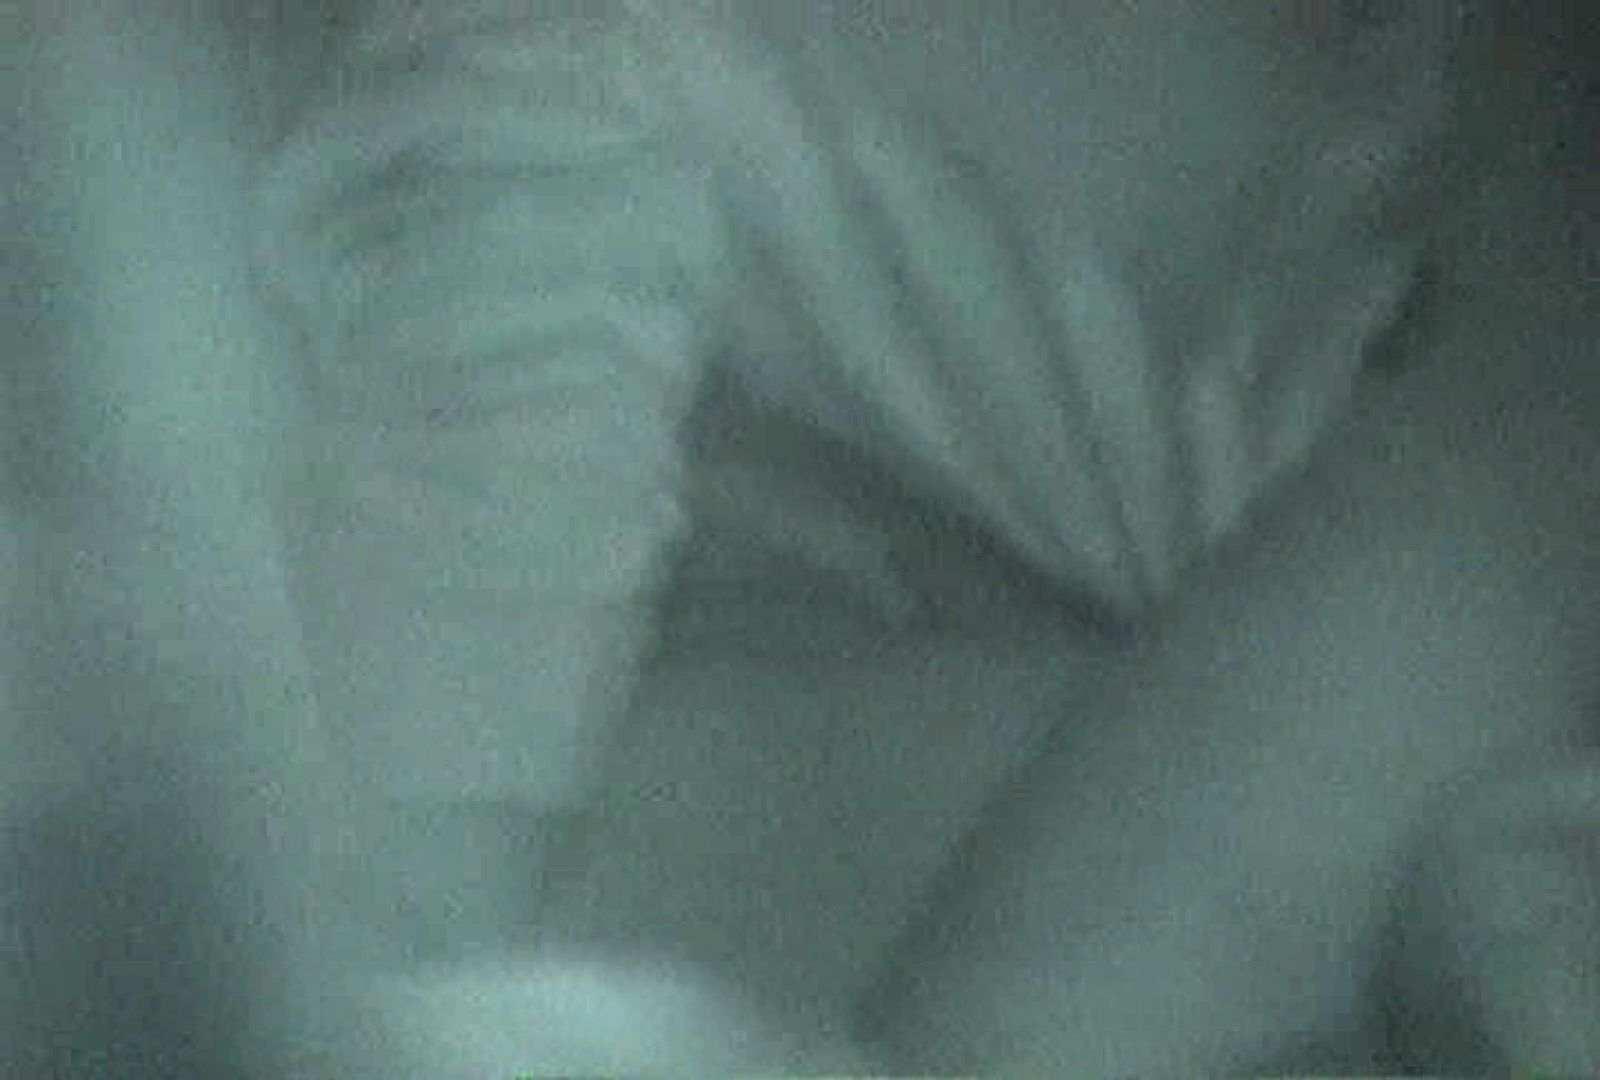 充血監督の深夜の運動会Vol.75 OLセックス 盗撮ワレメ無修正動画無料 54画像 30